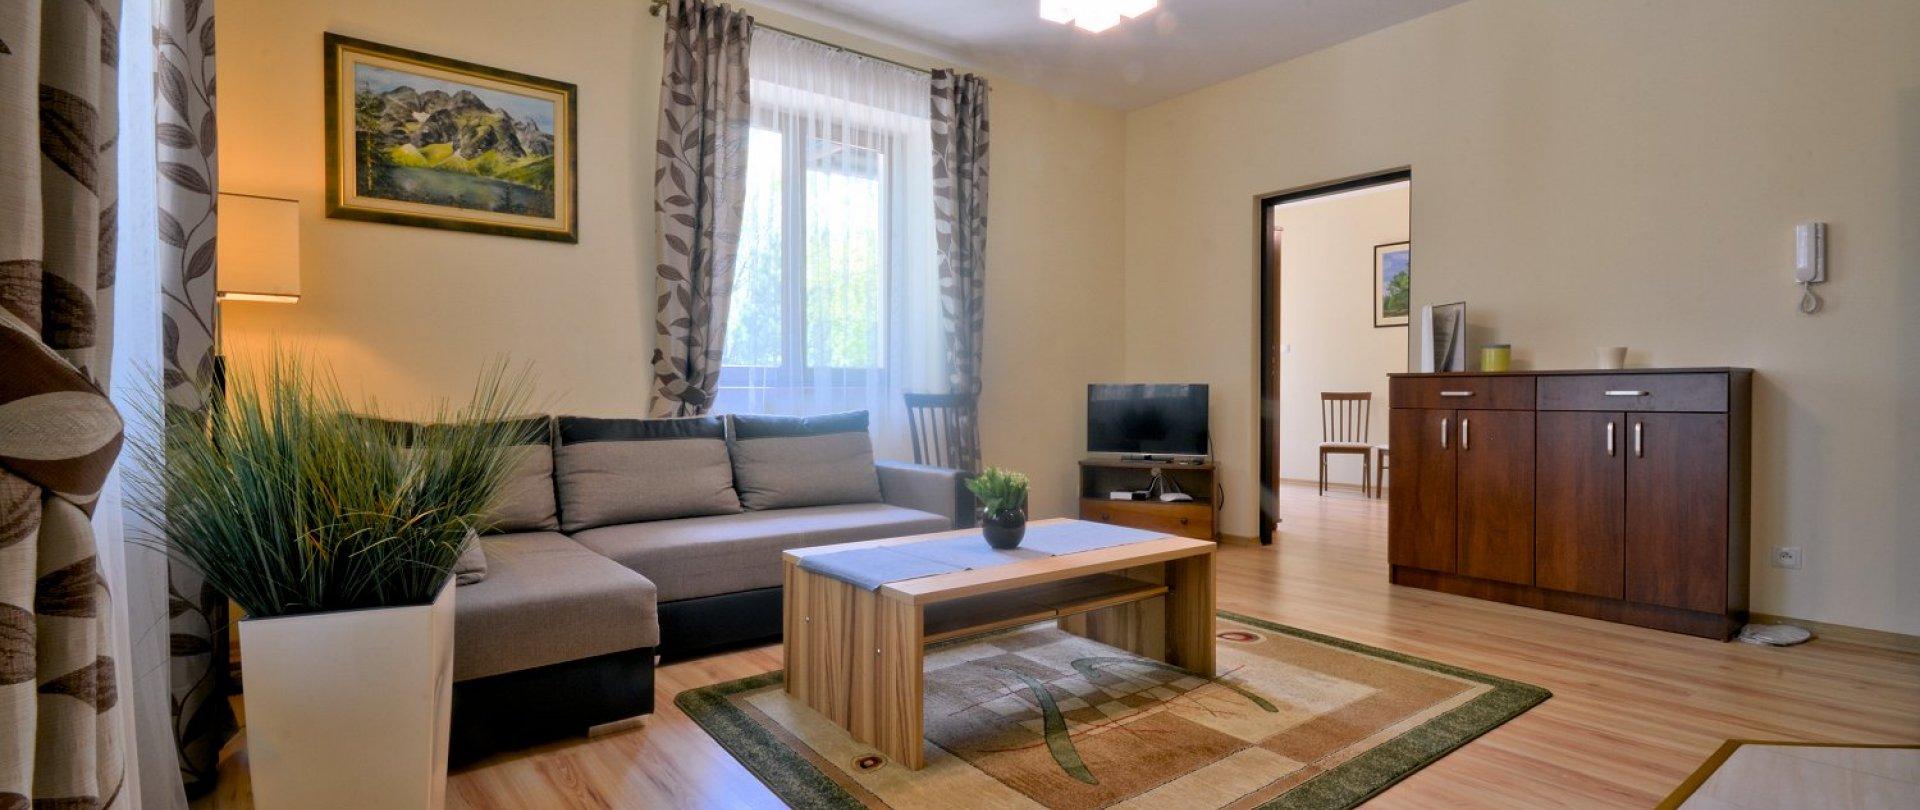 Apartament z jedną sypialnią DBL